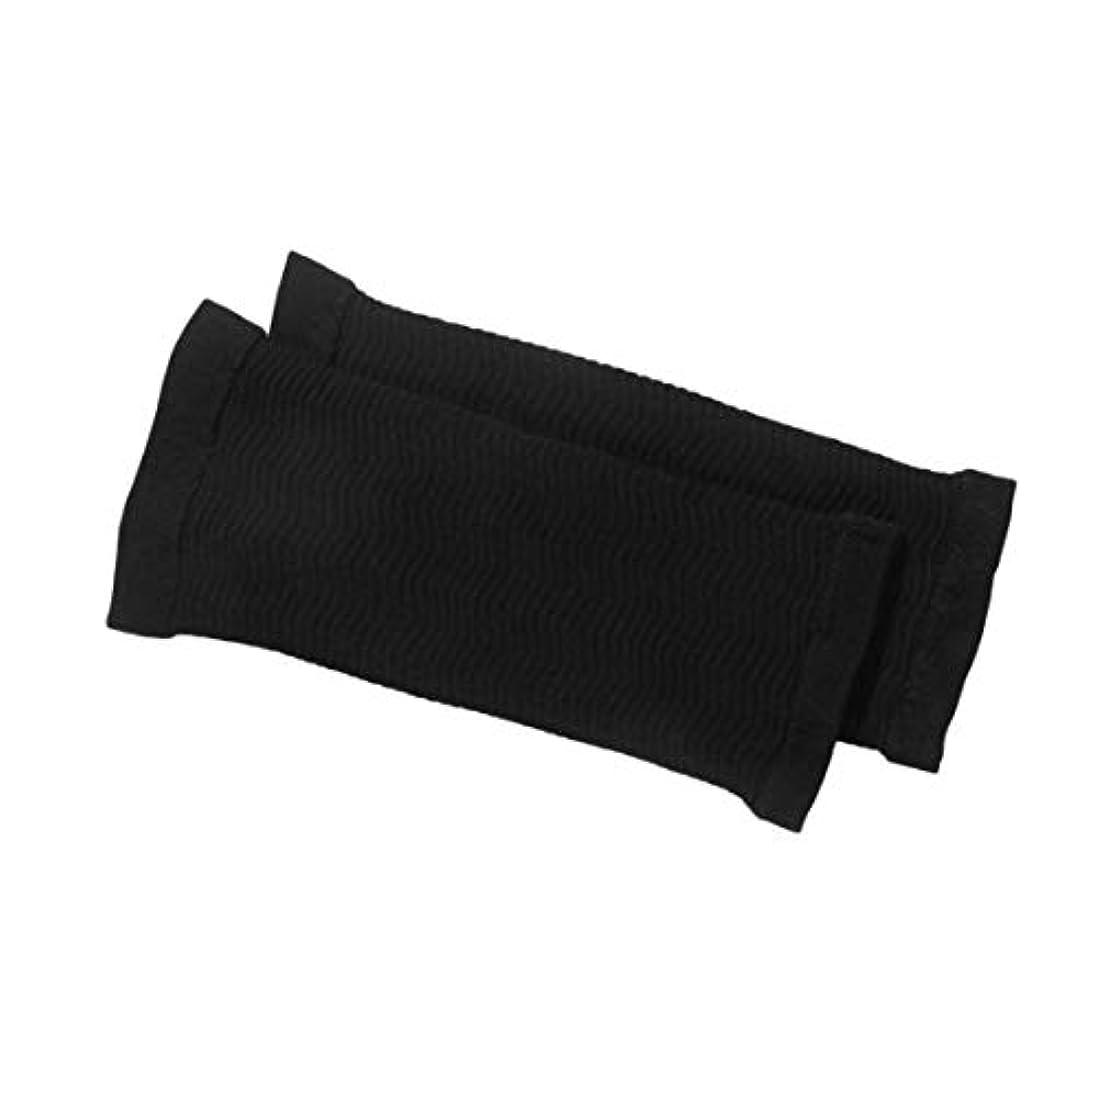 トラブルゴミ箱を空にする敵1ペア420 D圧縮痩身アームスリーブワークアウトトーニングバーンセルライトシェイパー脂肪燃焼袖用女性 - 黒